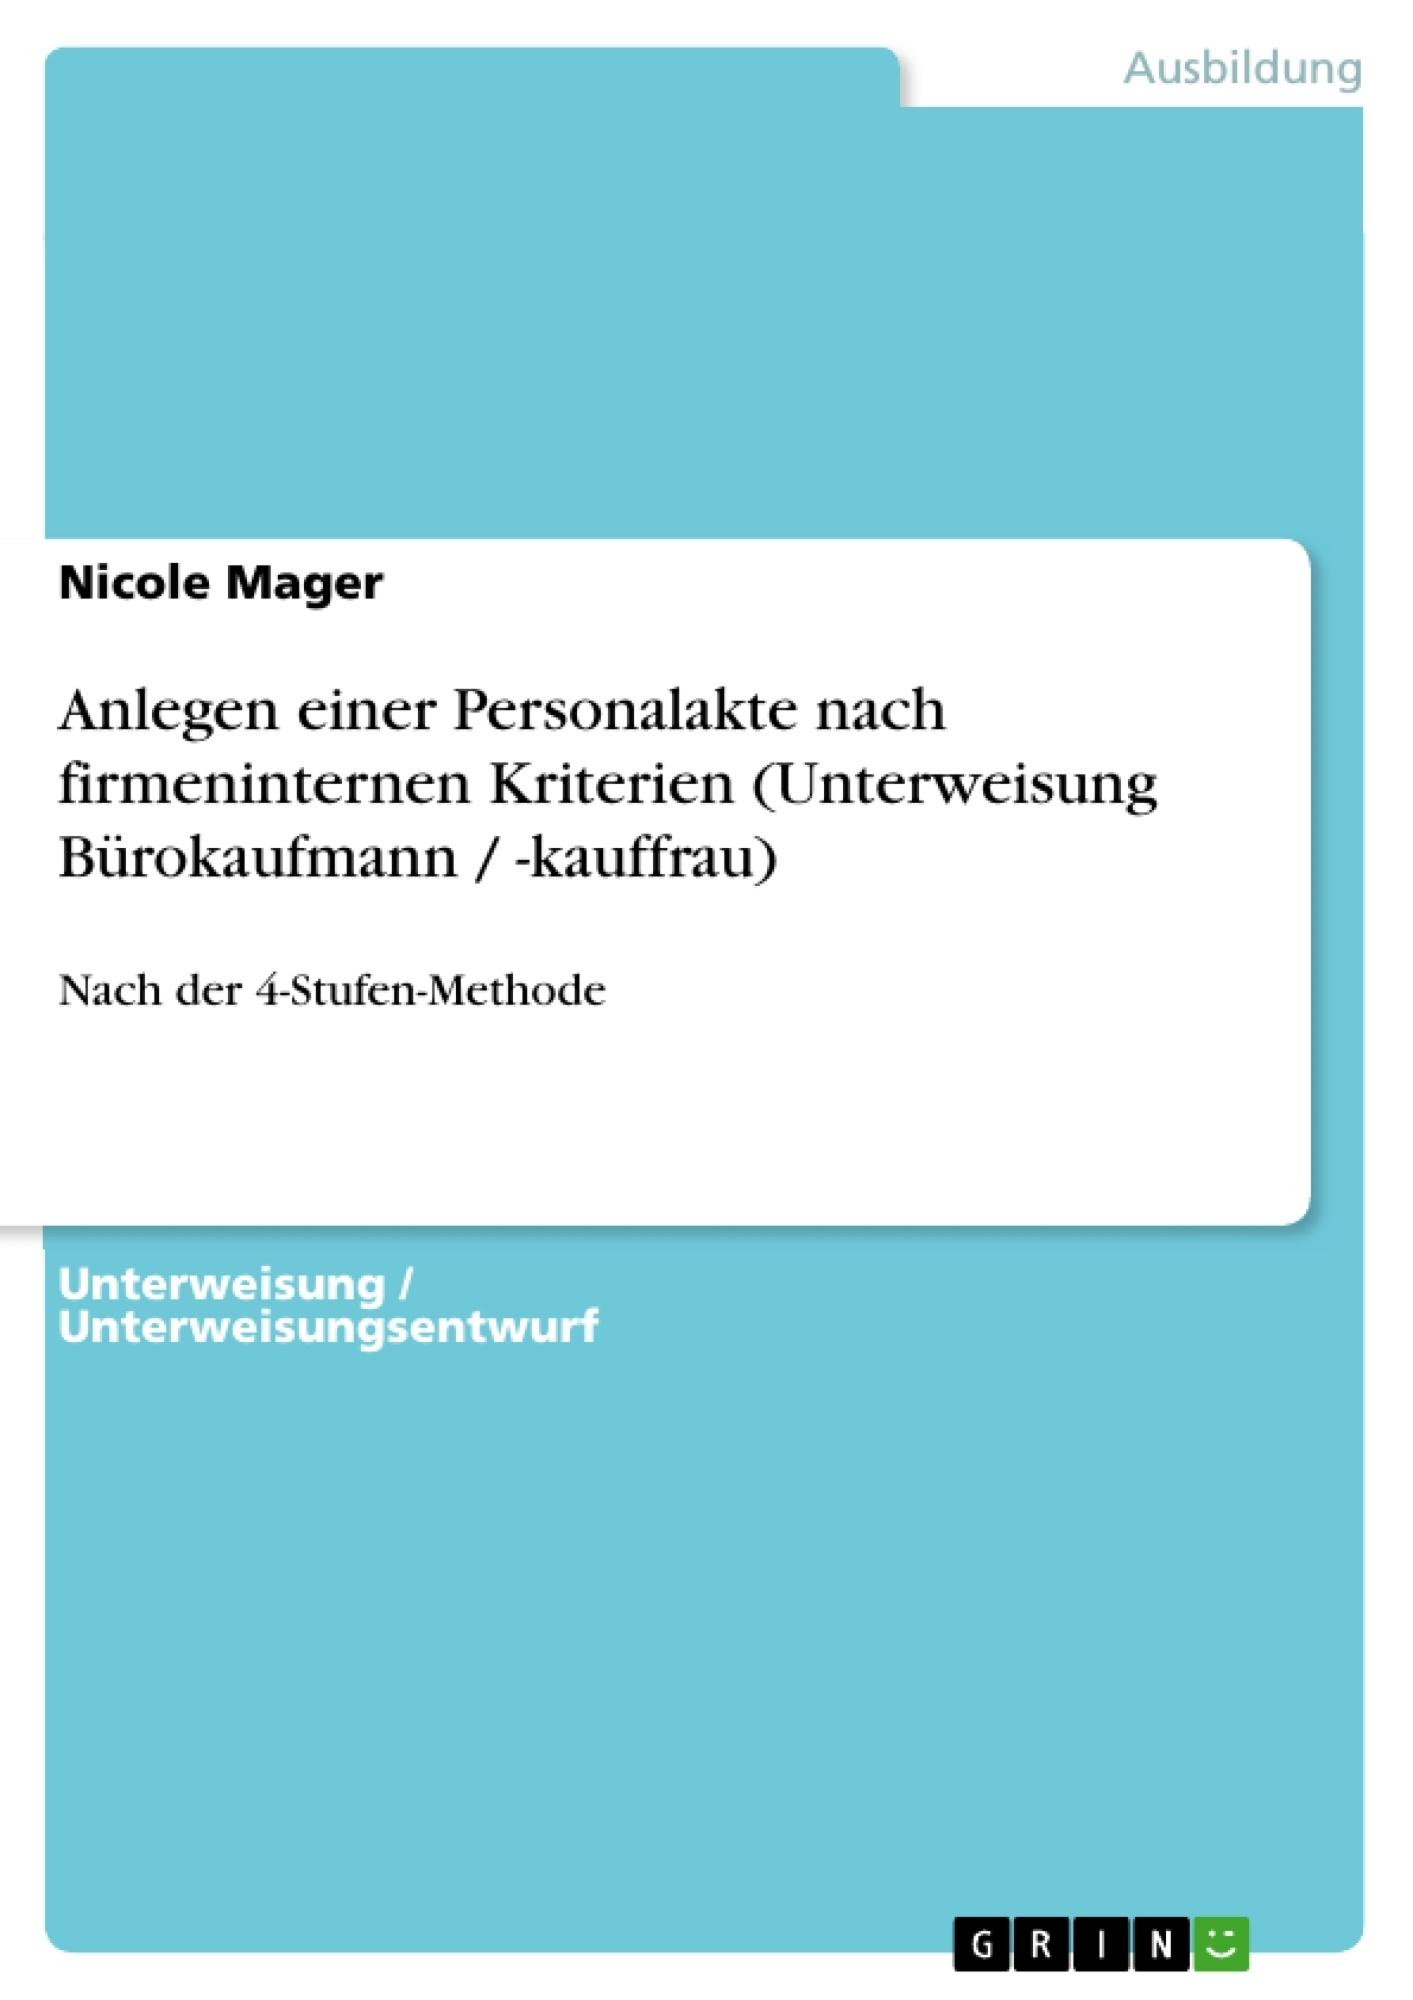 Titel: Anlegen einer Personalakte nach firmeninternen Kriterien (Unterweisung Bürokaufmann / -kauffrau)